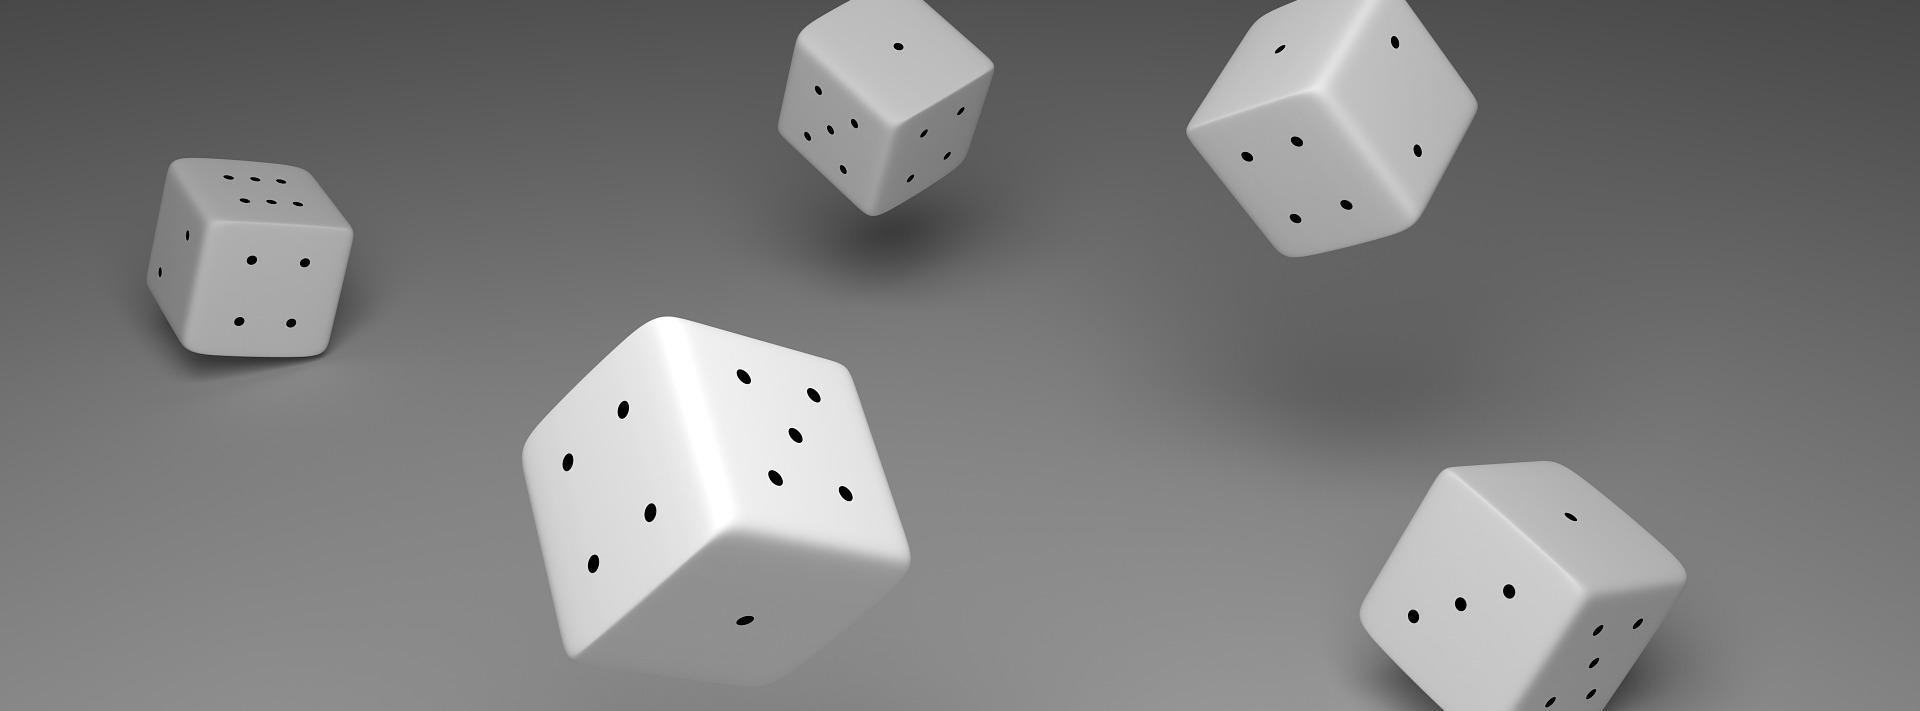 (Не)успешный прогноз: на случайностях долго не протянешь